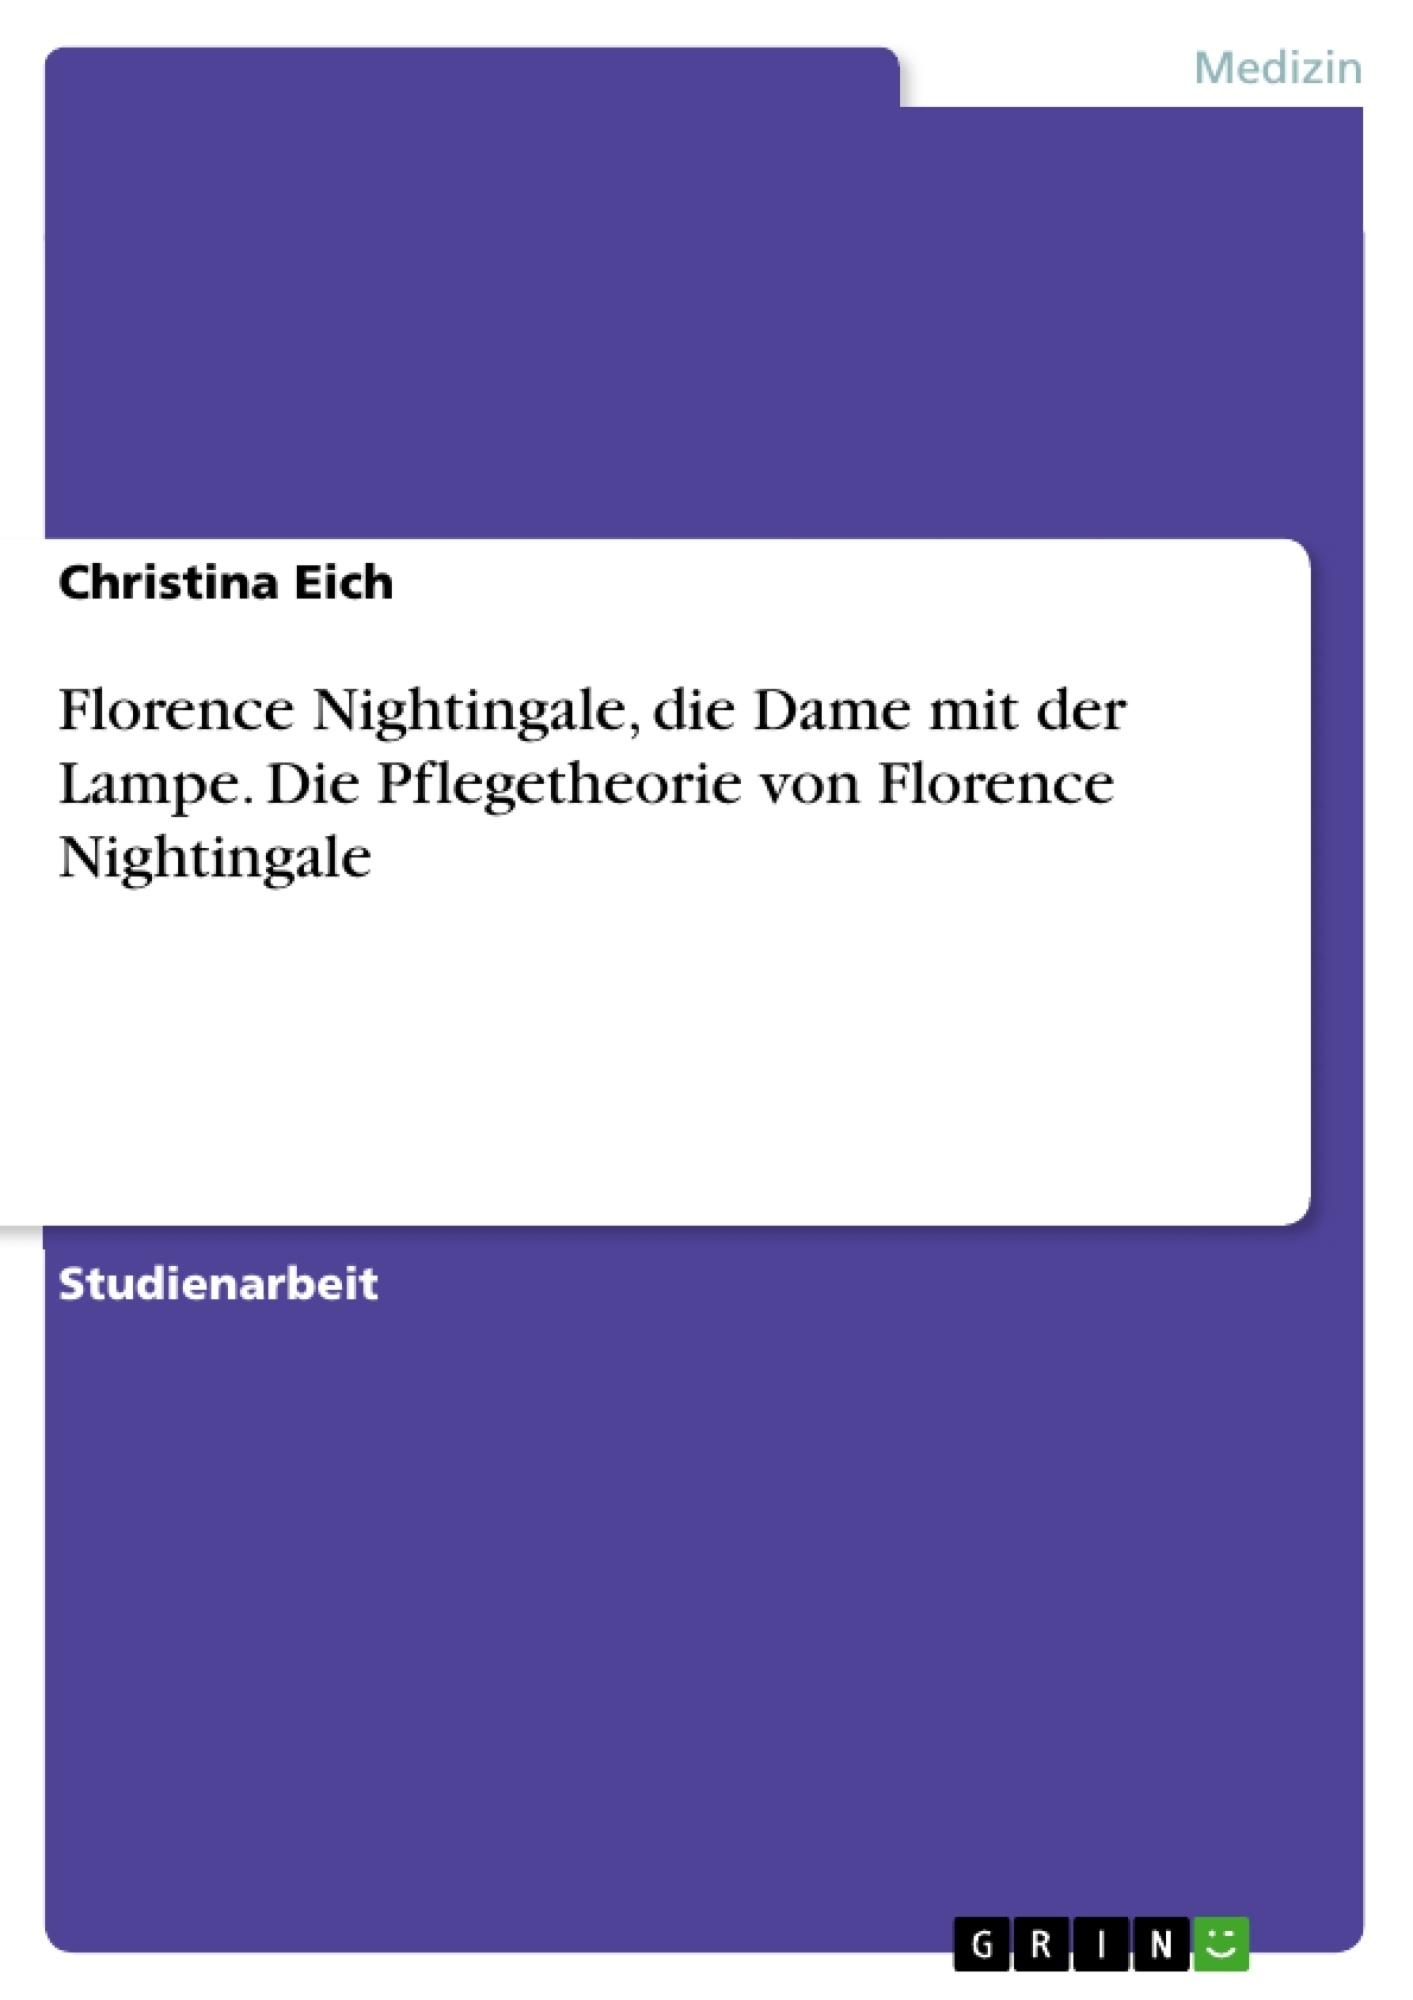 Titel: Florence Nightingale, die Dame mit der Lampe. Die Pflegetheorie von Florence Nightingale